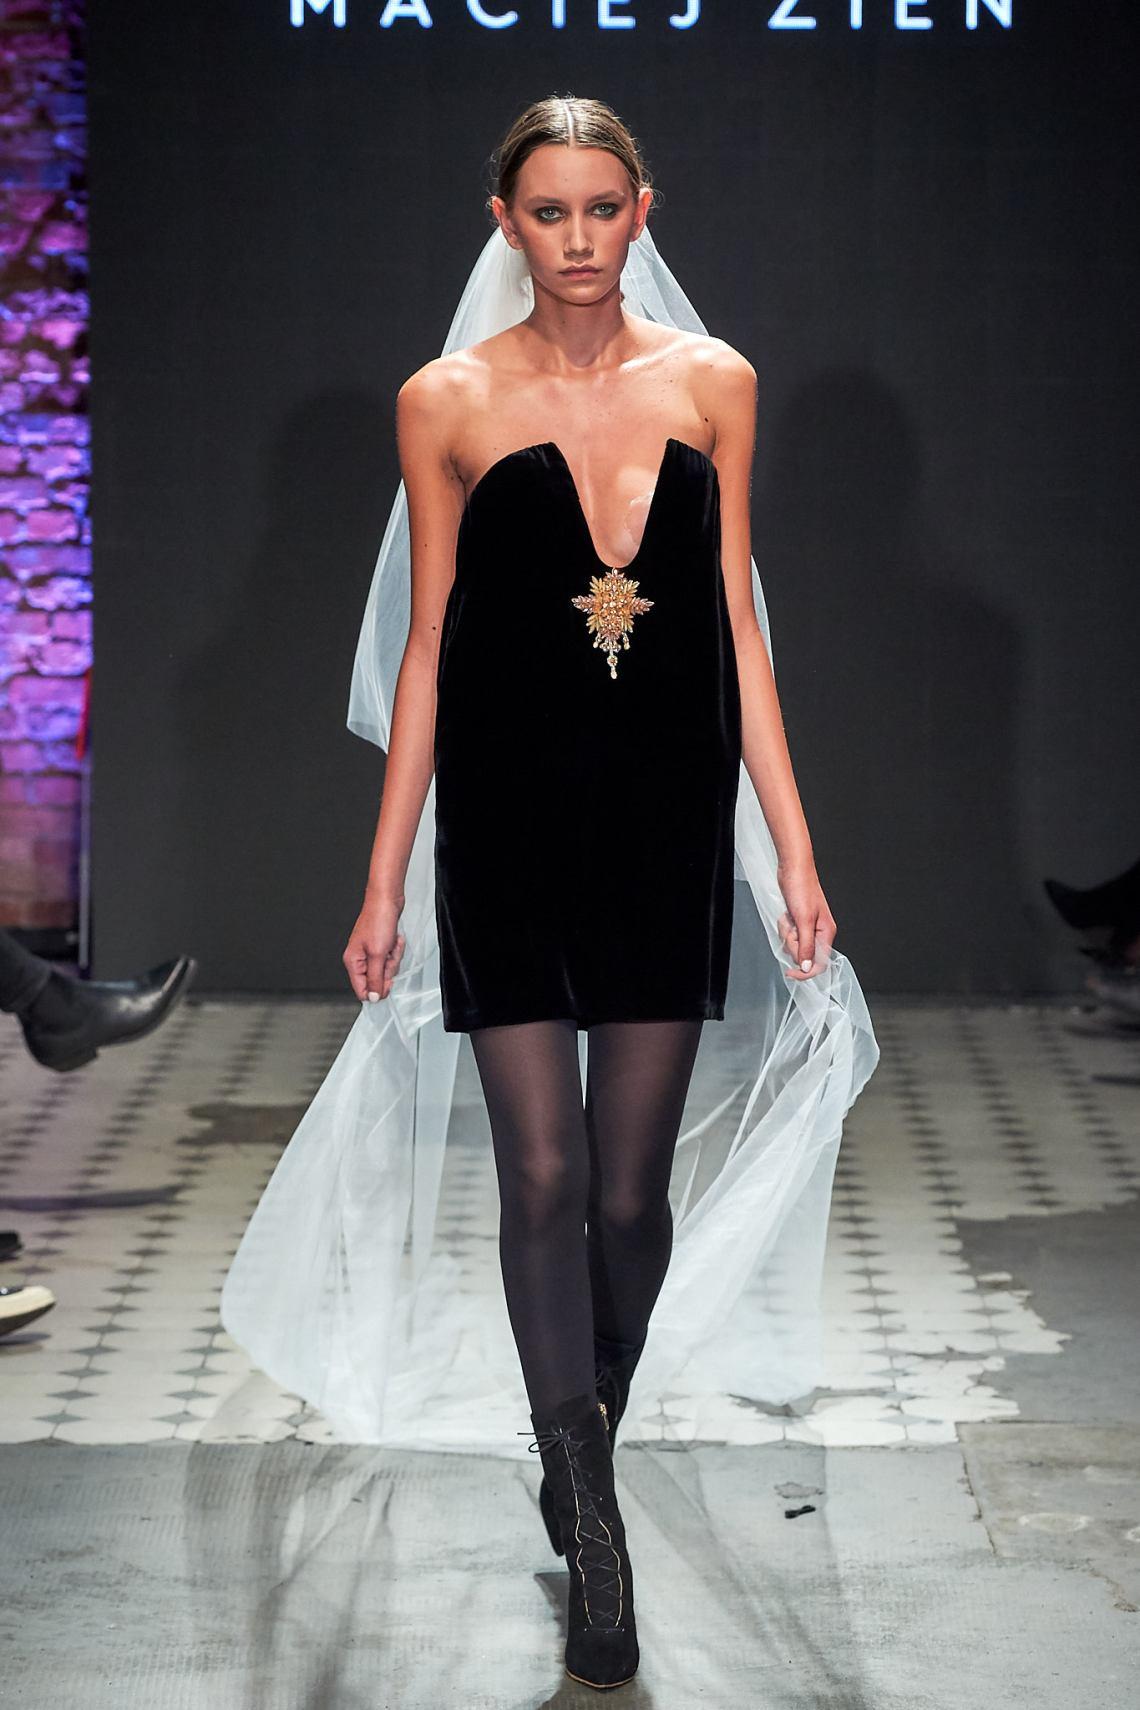 4_KTW_DAY1_111019_ZIEN_lowres-fotFilipOkopny-FashionImages